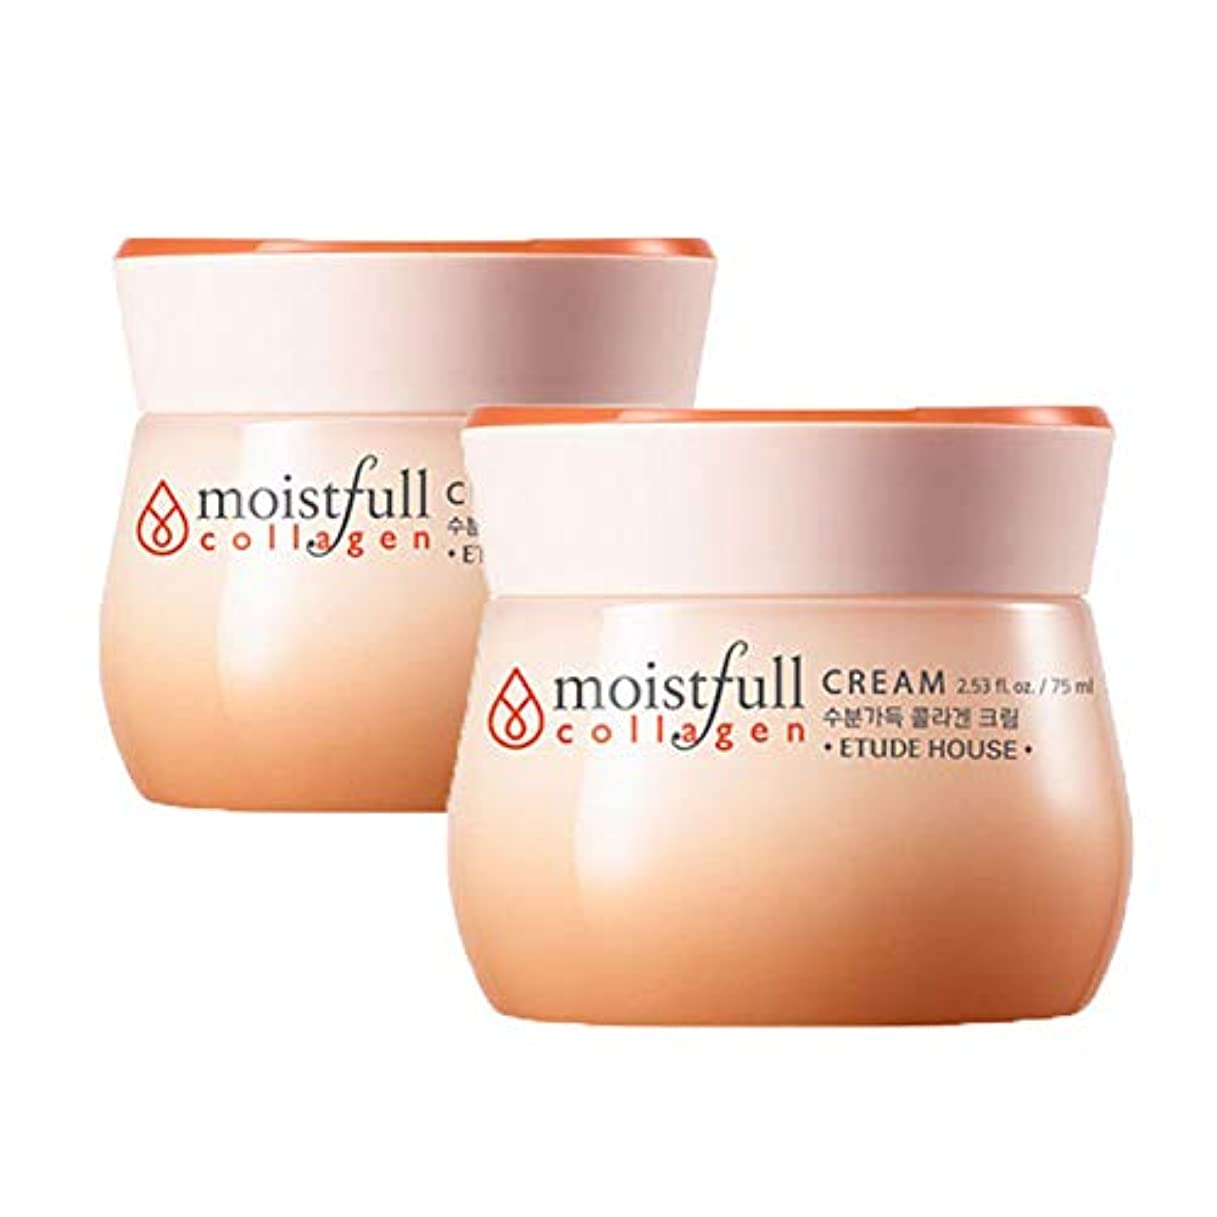 バッテリーミシンパン屋エチュードハウス水分いっぱいコラーゲンクリーム 75mlx2本セット韓国コスメ、Etude House Moistfull Collagen Cream 75ml x 2ea Set Korean Cosmetics [...